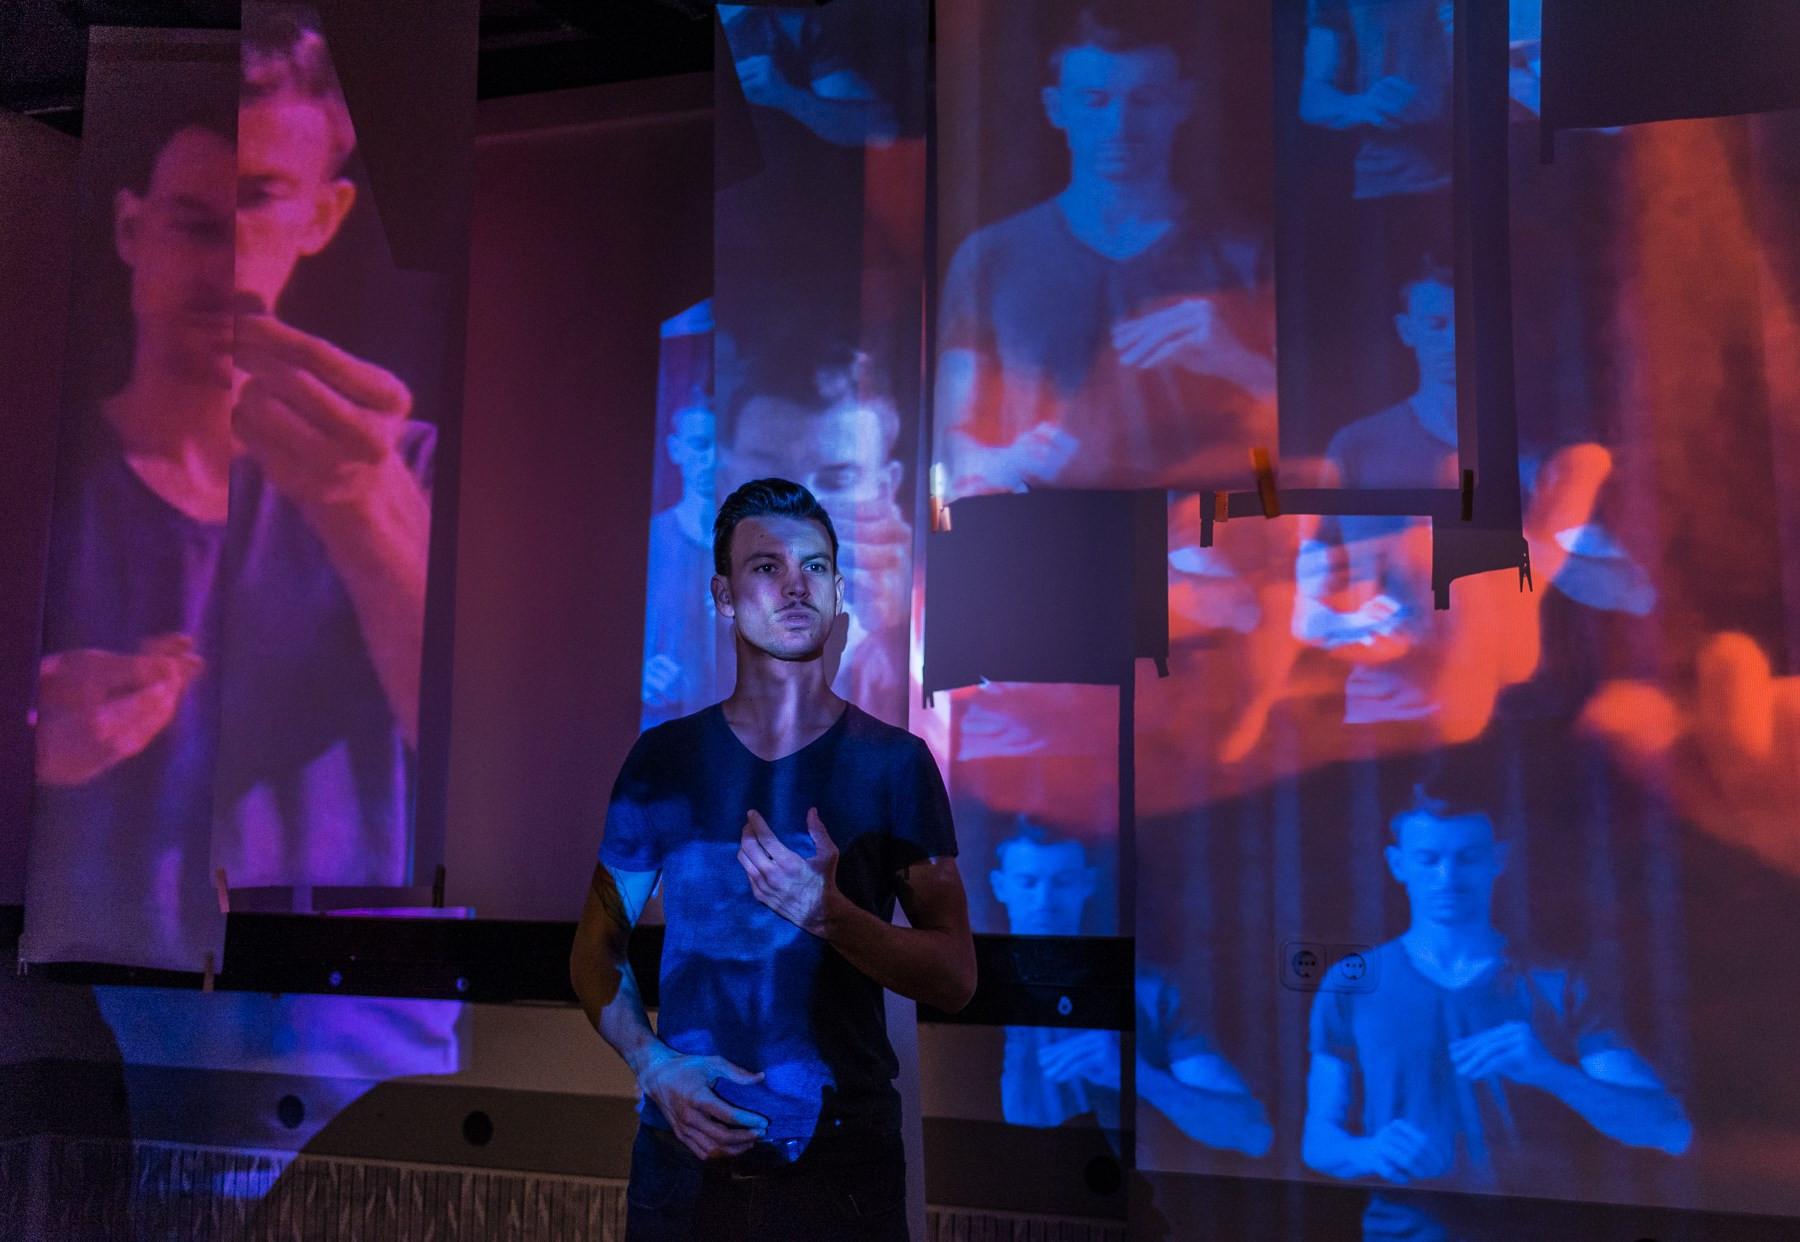 """""""Azt szeretném, hogy a közönség elvarázsolva érezze magát, nem pedig becsapva"""" - interjú Gyertyán Balázs bűvésszel"""